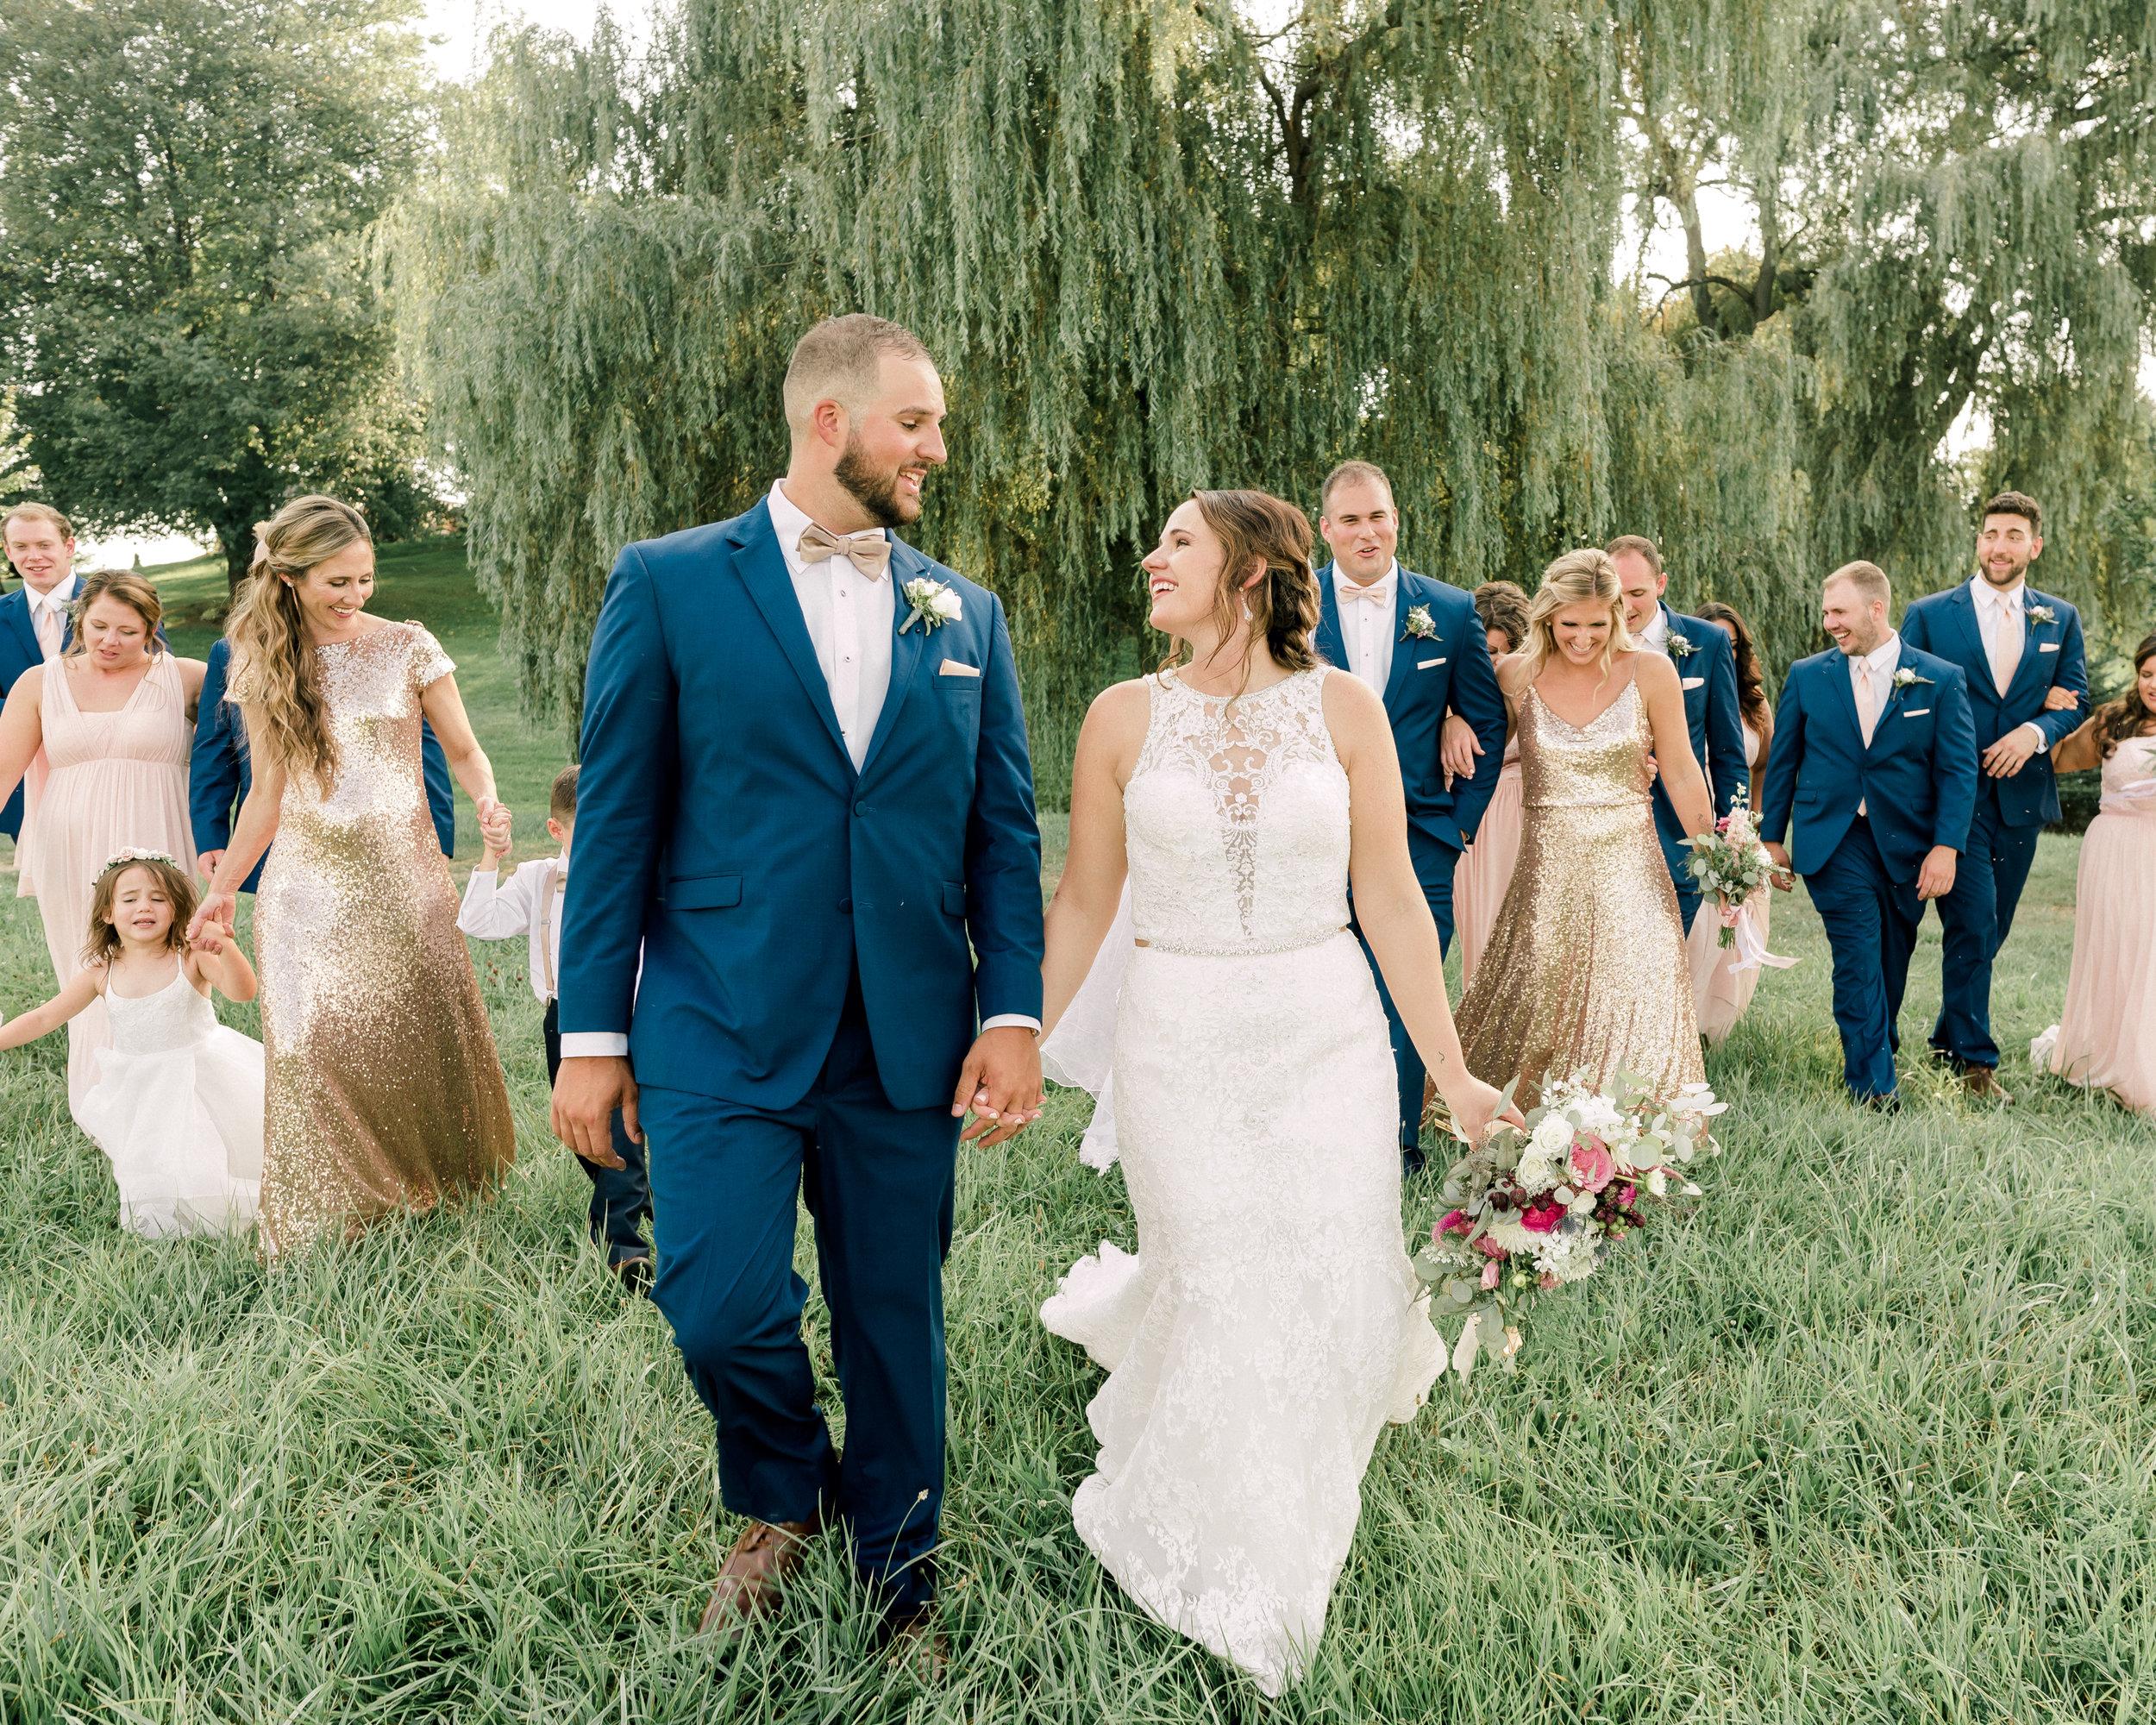 rustic-acres-farm-wedding-22.jpg